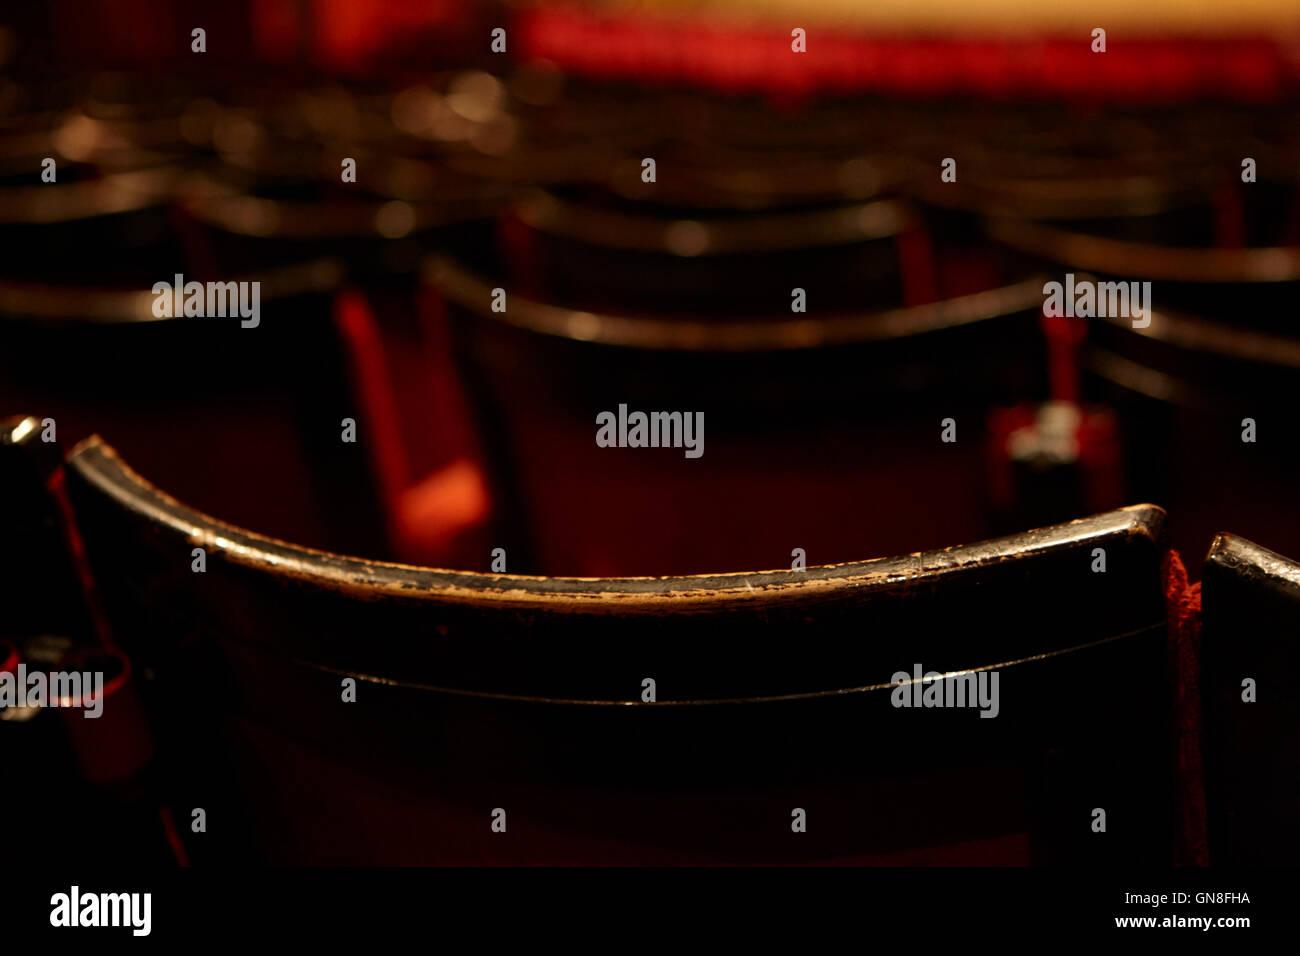 Espalda de desgaste en la fila de asientos en la platea de un teatro de estilo antiguo Foto de stock